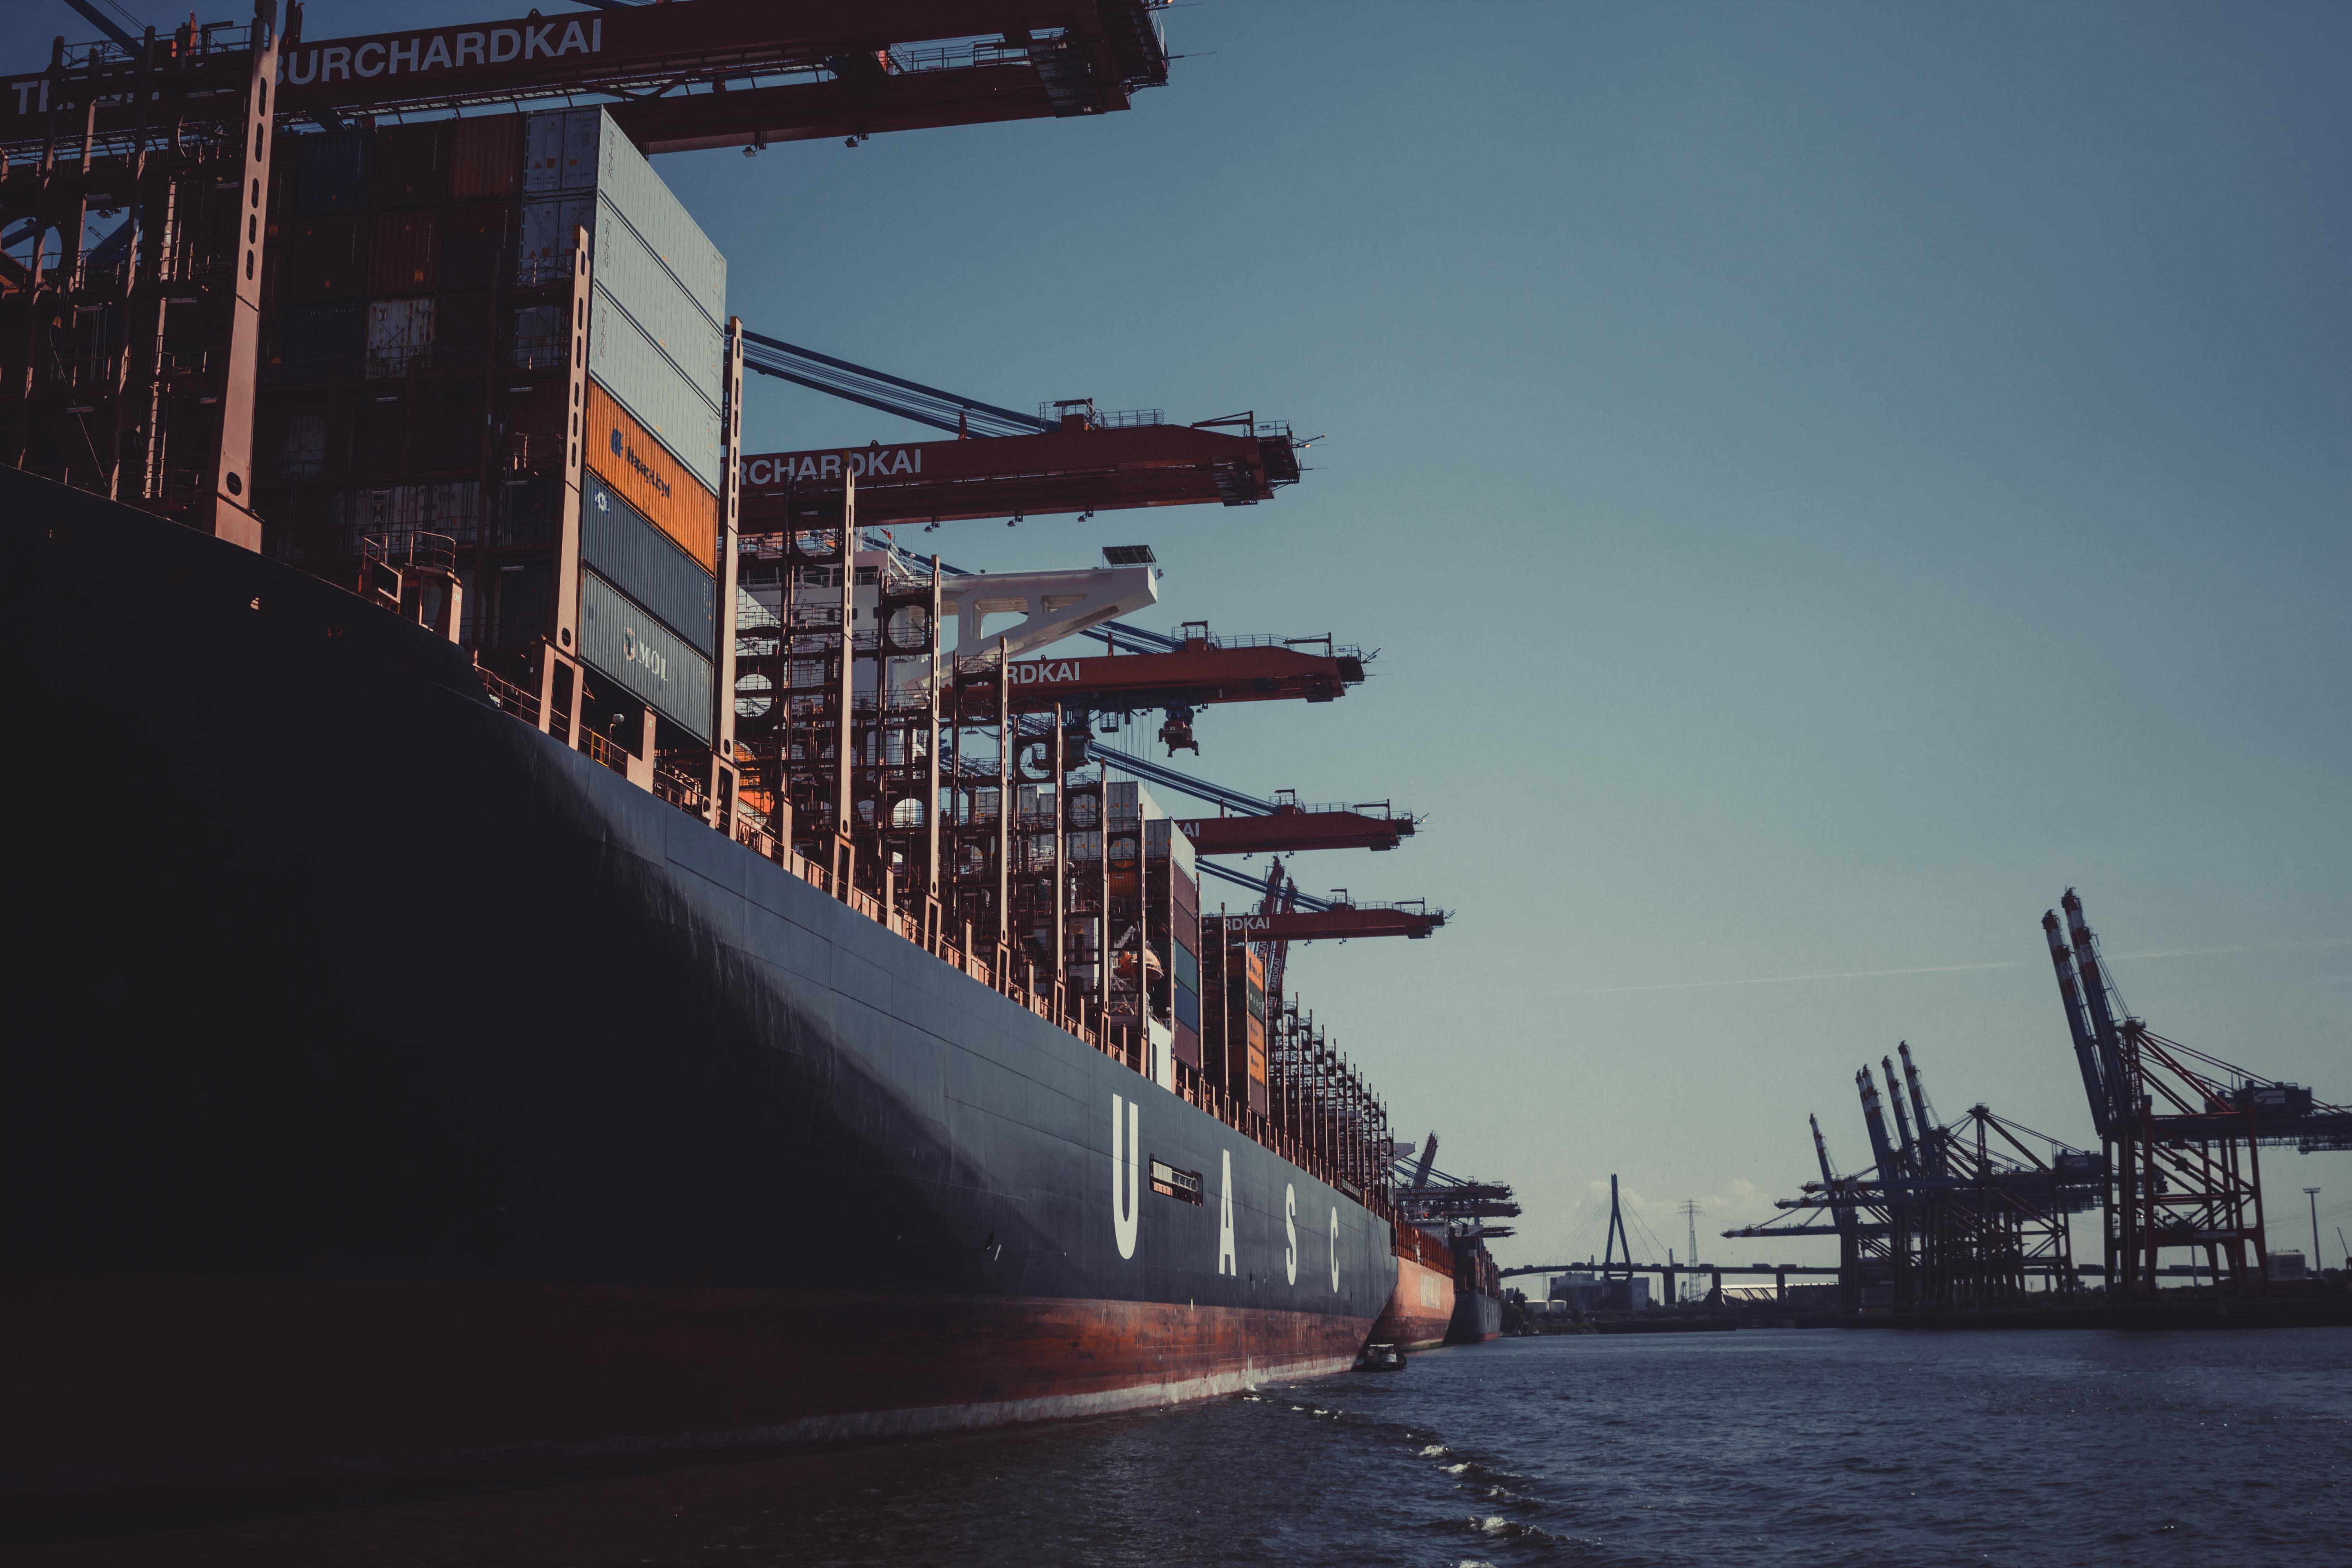 突破31万亿元!2019年进出口规模创新高,12月进出口双双高增